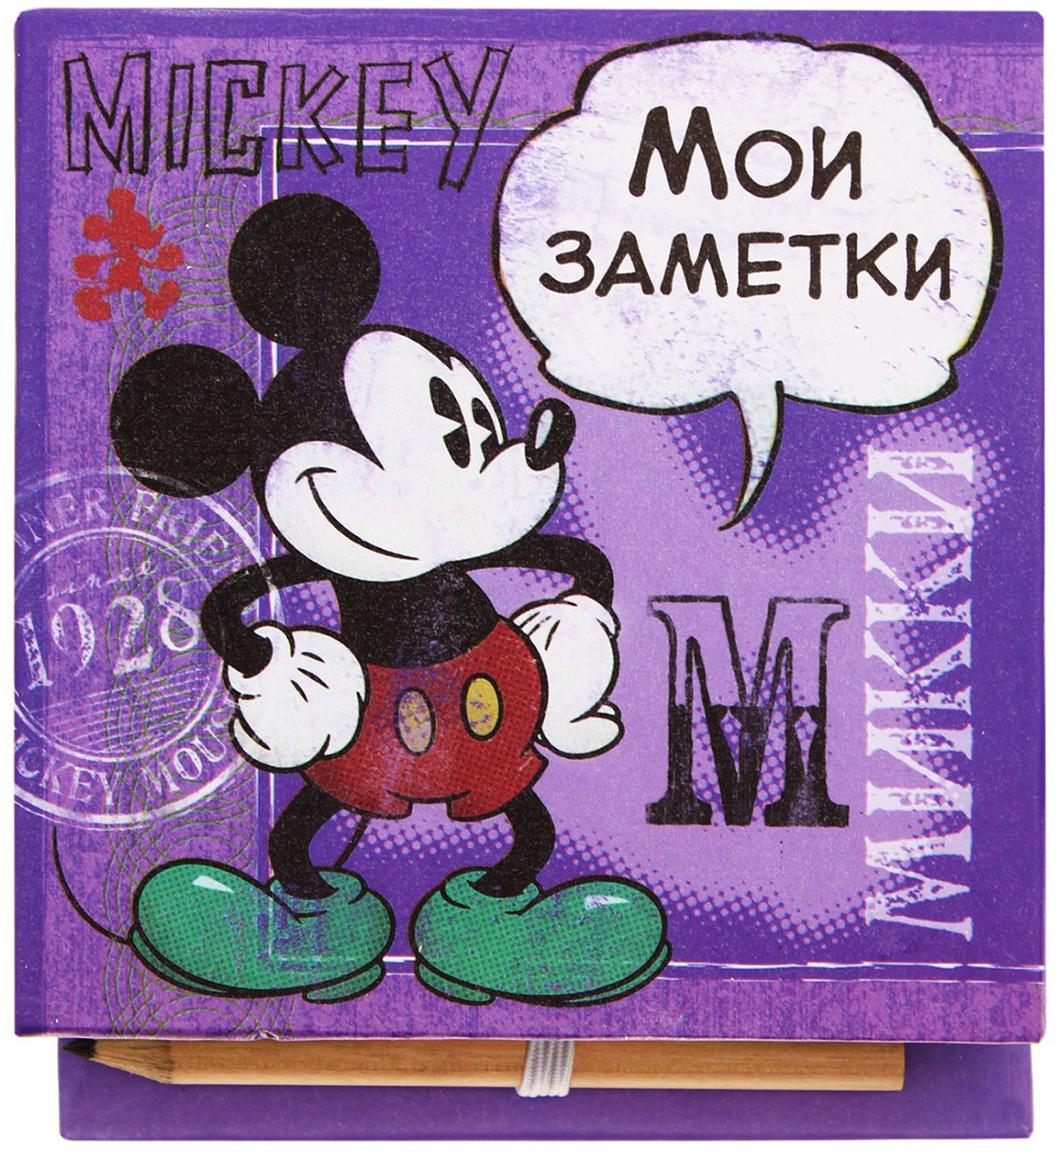 Disney Блок для записей Мои заметки 10 x 10 см 150 листов1158866Заряжайтесь позитивом каждый день вместе с любимыми героями мультфильмов Disney. Специально для поклонников Микки Мауса и его друзей мы разработали целую серию канцелярских принадлежностей.Футляр содержит блок на 100 дизайнерских листов размером 9 х 9 см. Оставляйте на них сообщения, записывайте ценные мысли, составляйте списки или стройте планы. С оригинальным футляром из плотного картона записи не потеряются, а на столе будет порядок. Чтобы не пришлось искать карандаш, мы поместили его на внутреннюю сторону обложки, теперь он всегда под рукой.Побалуйте себя или близких эффектными аксессуарами.